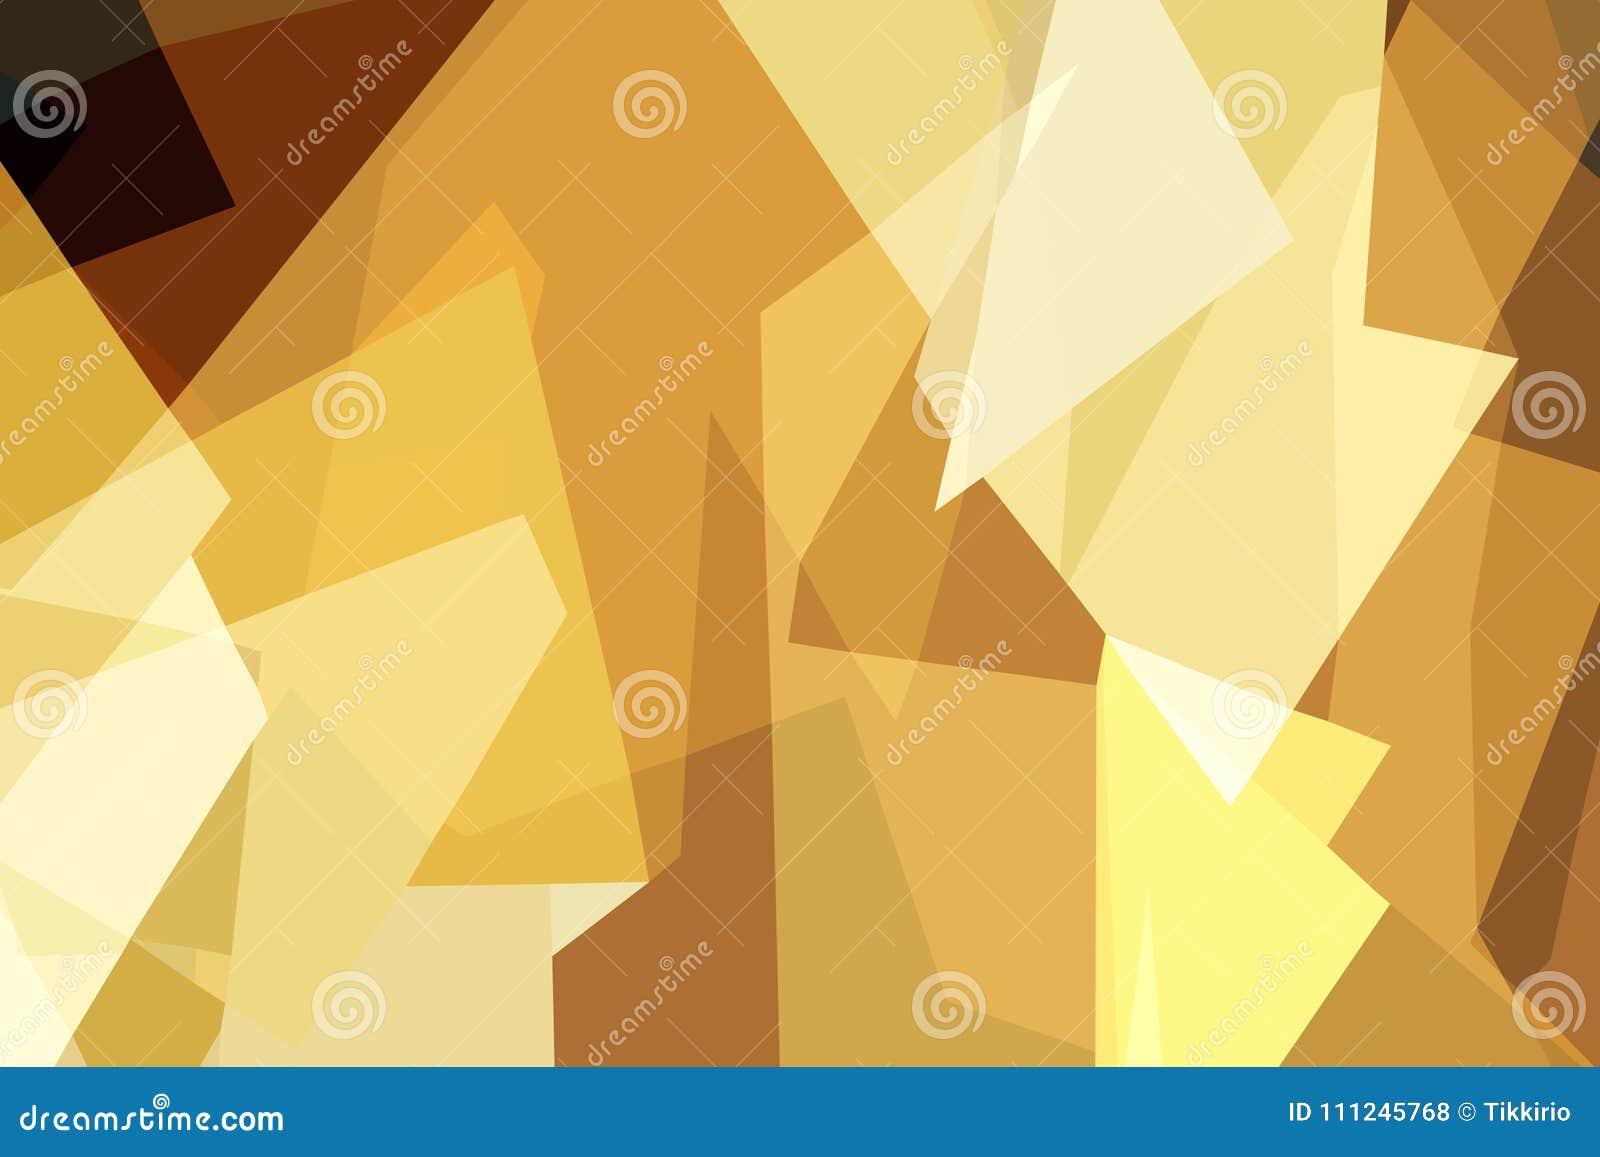 Bas Fond Colore D Abrege Sur Polygone Papier Peint Triangulaire Vif